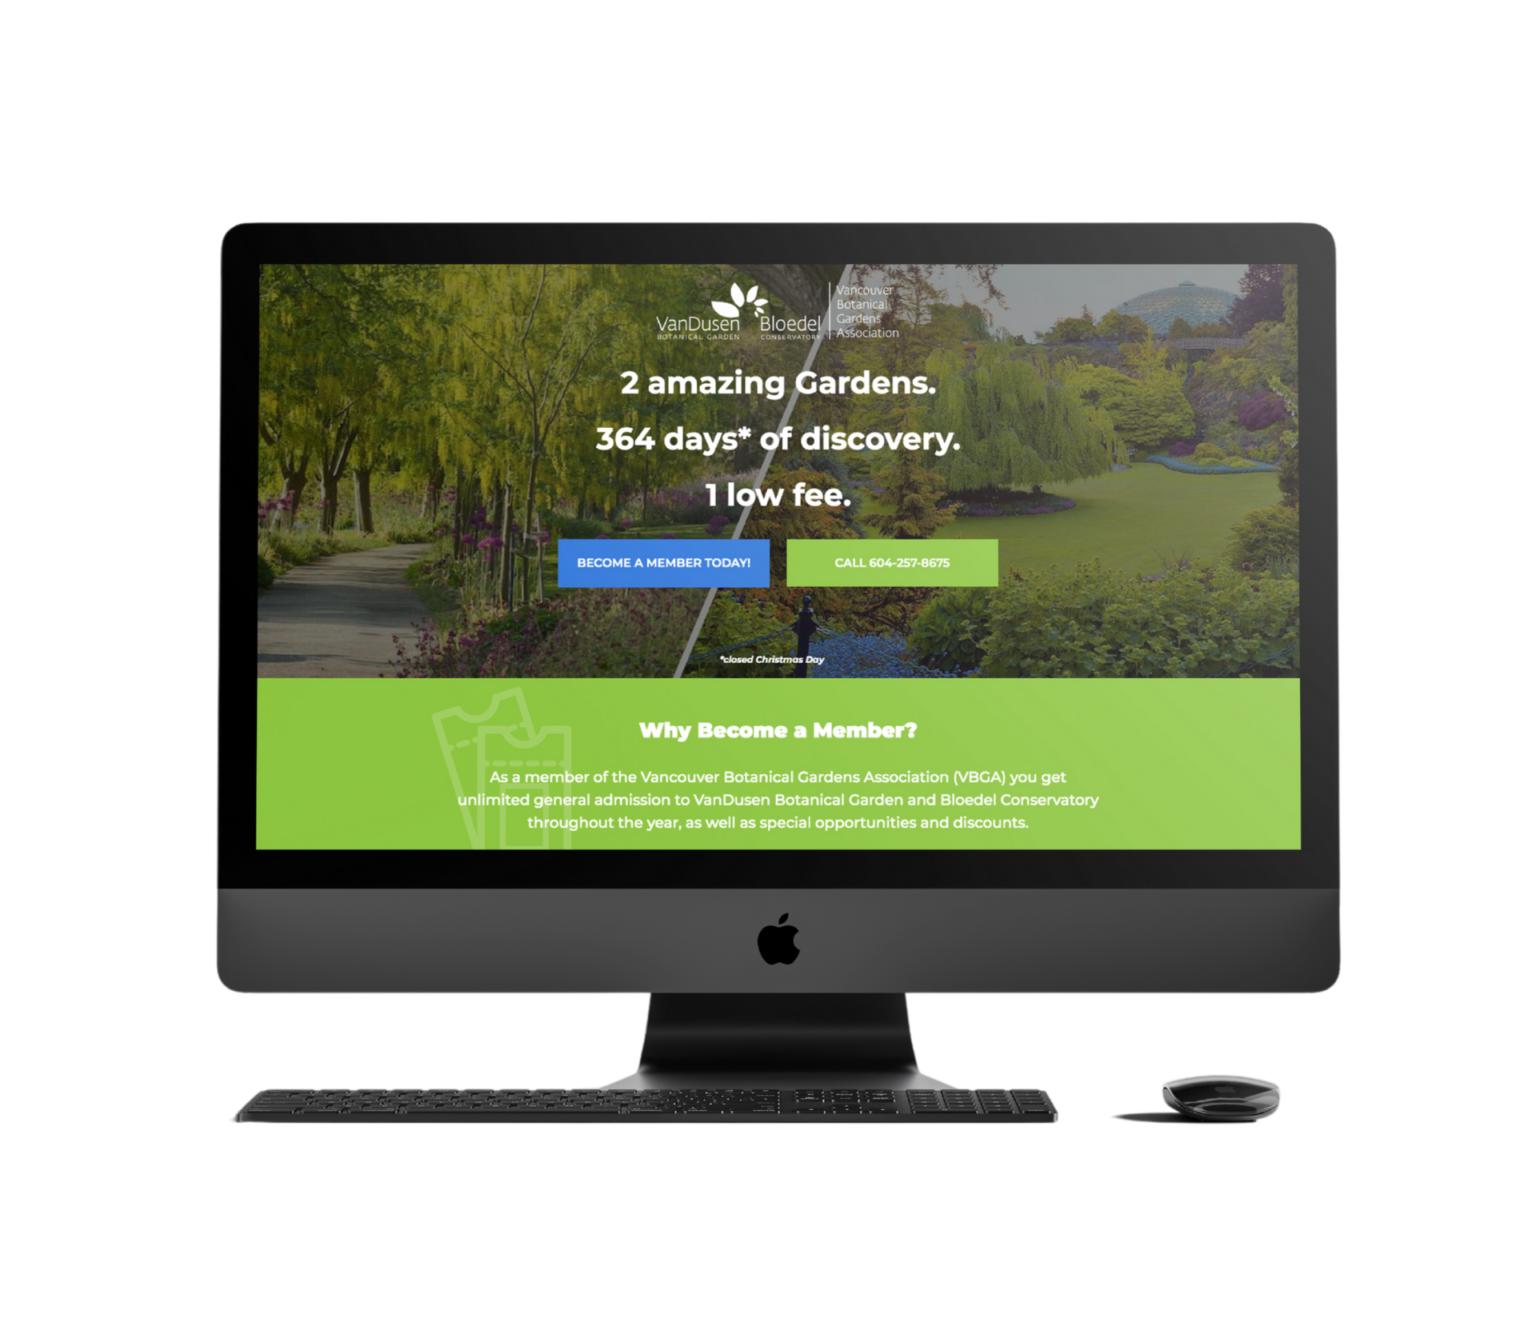 VanDusen Website Mockup